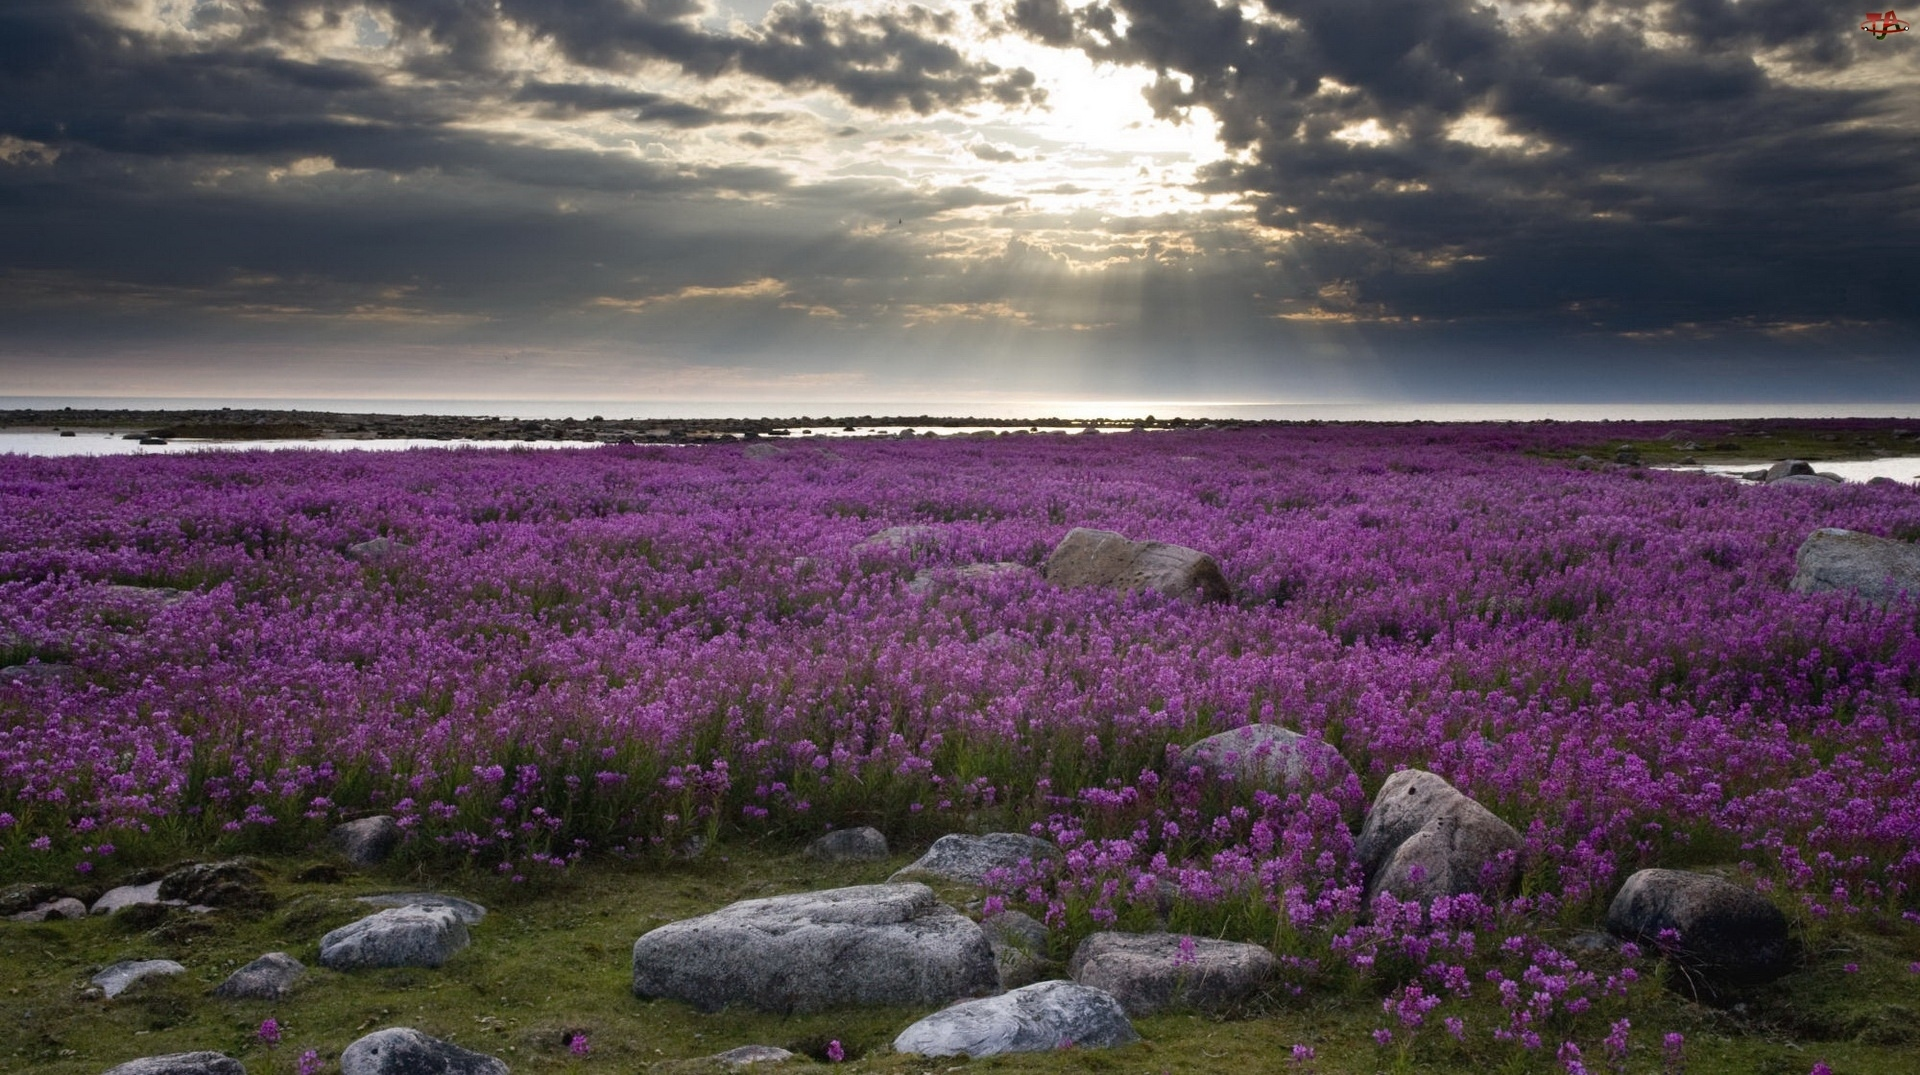 Chmury, Łąka, Kwiaty, Fioletowe, Ciemne